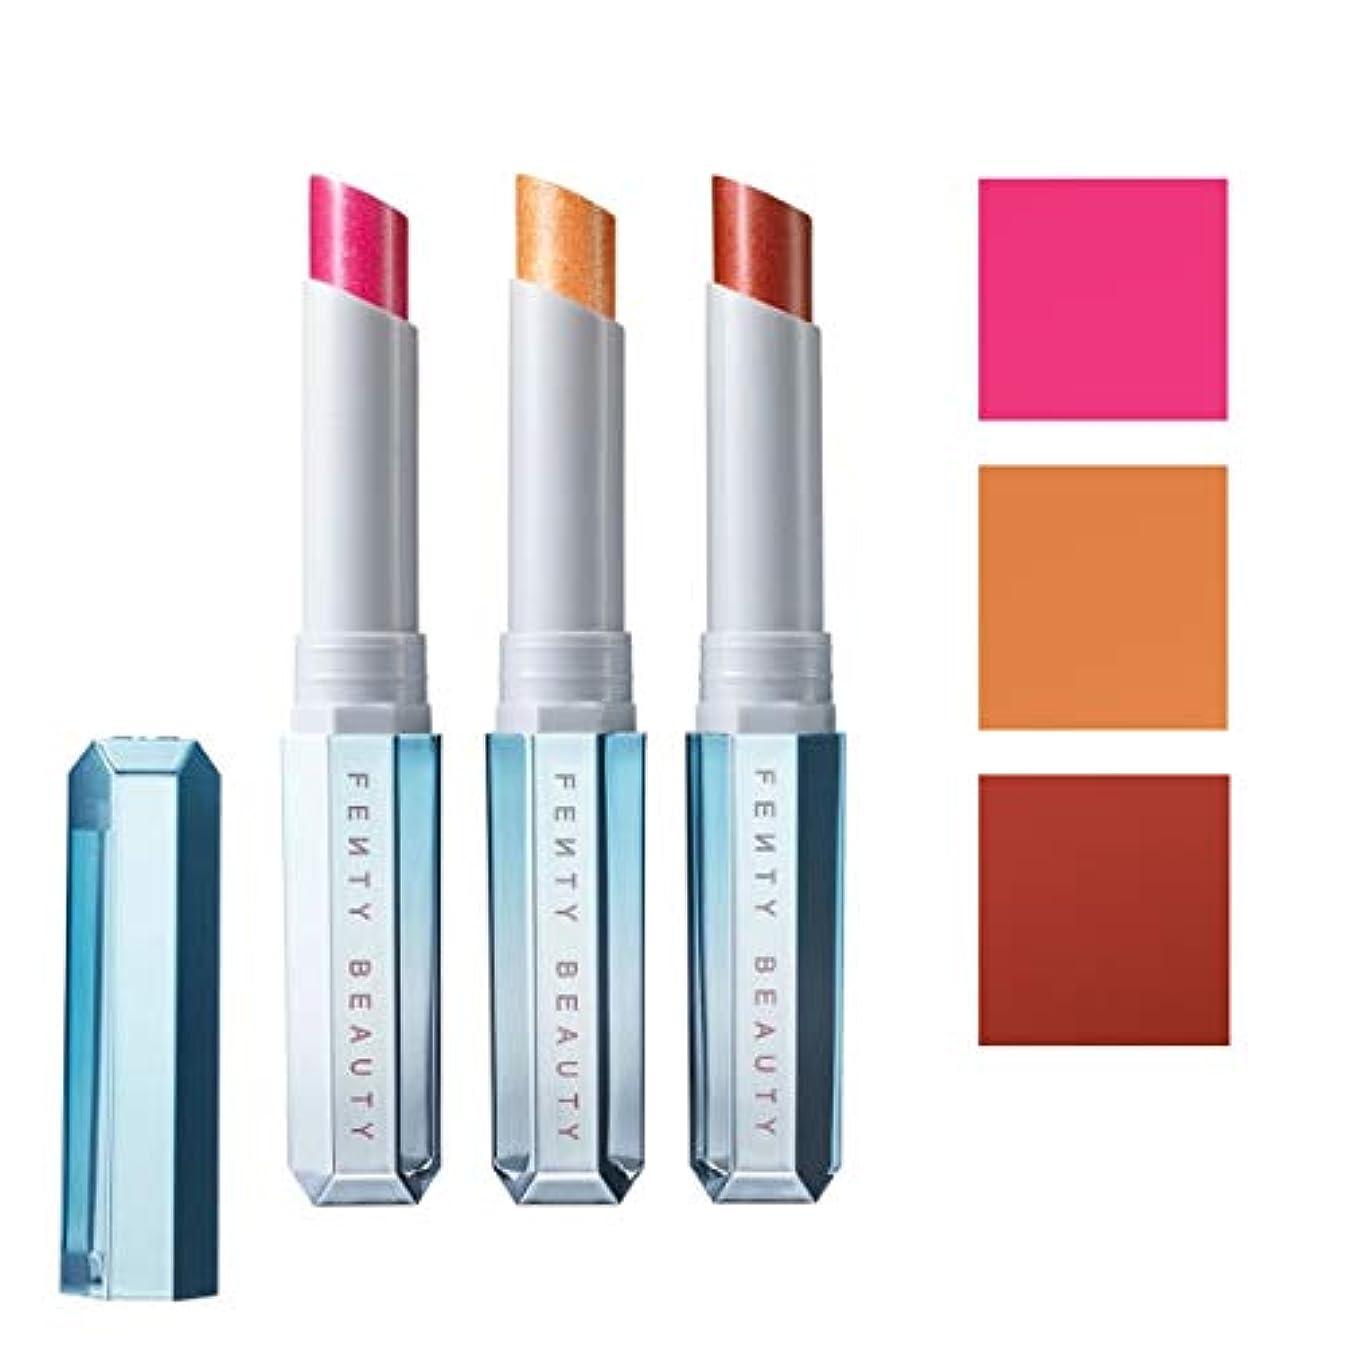 独立した紫の差別化するFENTY BEAUTY BY RIHANNA 限定版 limited-edition, Frosted Metal Lipstick 3pc Set - Snow Daze [海外直送品] [並行輸入品]